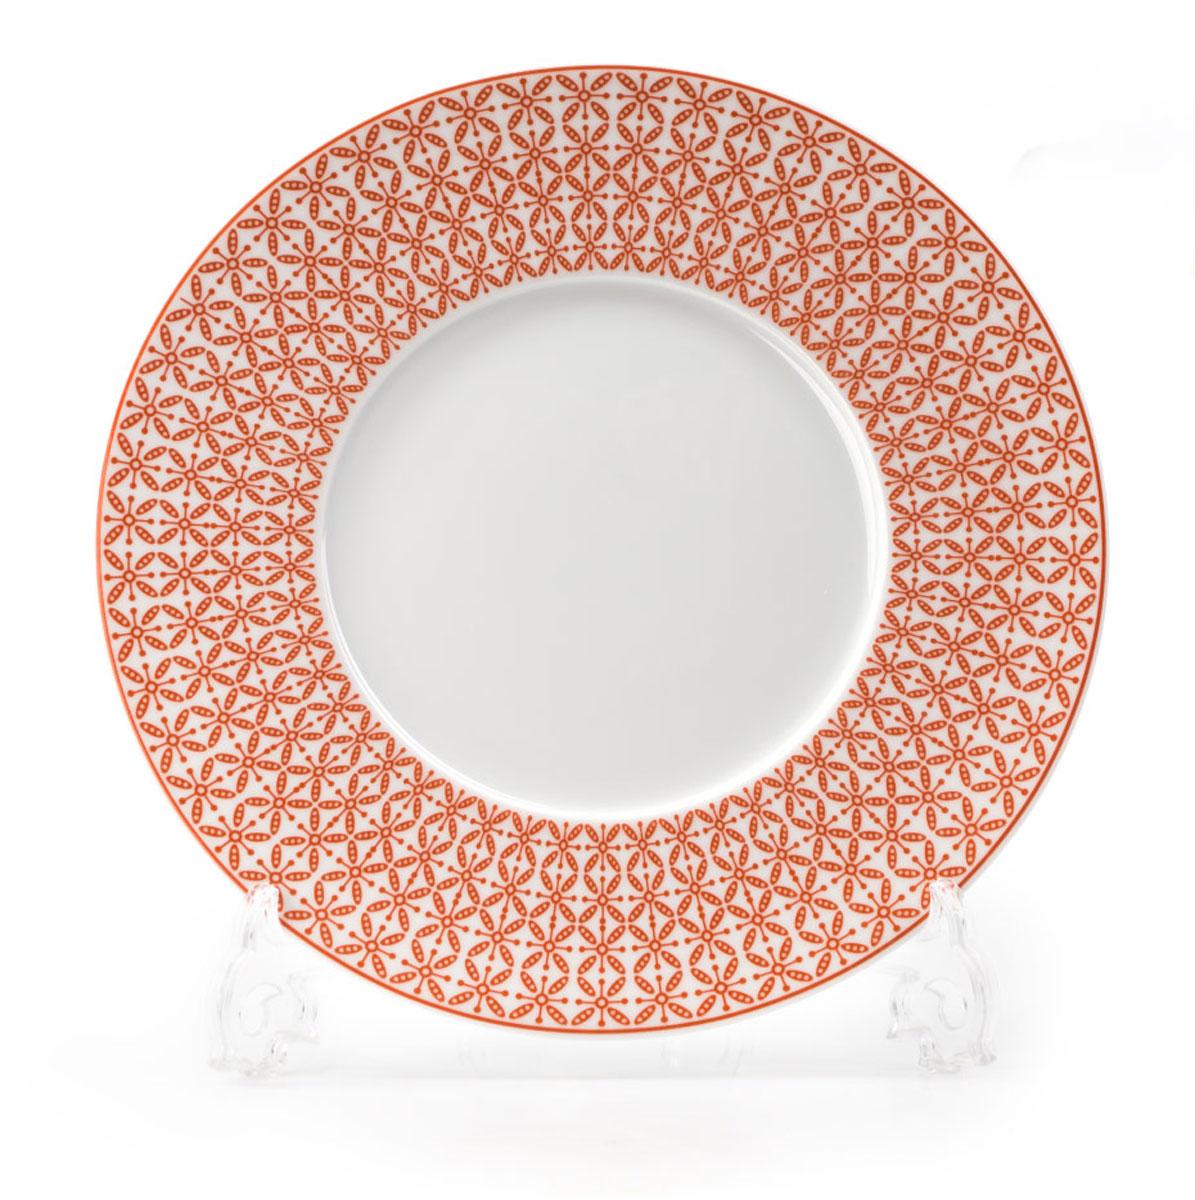 Тарелка La Rose des Sables Ажур, цвет: красный, белый, диаметр 21 см830123 2301Тарелка La Rose des Sables Ажур выполнена из высококачественного тунисского фарфора, изготовленного из уникальной белой глины. На всех изделиях La Rose des Sables можно увидеть маркировку Pate de Limoges. Это означает, что сырье для изготовления фарфора добывают во французской провинции Лимож, и качество соответствует высоким европейским стандартам. Все производство расположено в Тунисе. Особые свойства этой глины, открытые еще в 18 веке, позволяют создать удивительно тонкую, легкую и при этом прочную посуду. Благодаря двойному термическому обжигу фарфор обладает высокой ударопрочностью, стойкостью к сколам и трещинам, жаропрочностью и великолепным блеском глазури. Коллекция Ажур - это изысканная классика, дополненная красивым орнаментом по всей поверхности. Эта фарфоровая посуда станет настоящим украшением вашего стола. Прекрасный вариант как для праздничной, так и для повседневной сервировки стола. Можно использовать в СВЧ печи и мыть в посудомоечной машине.